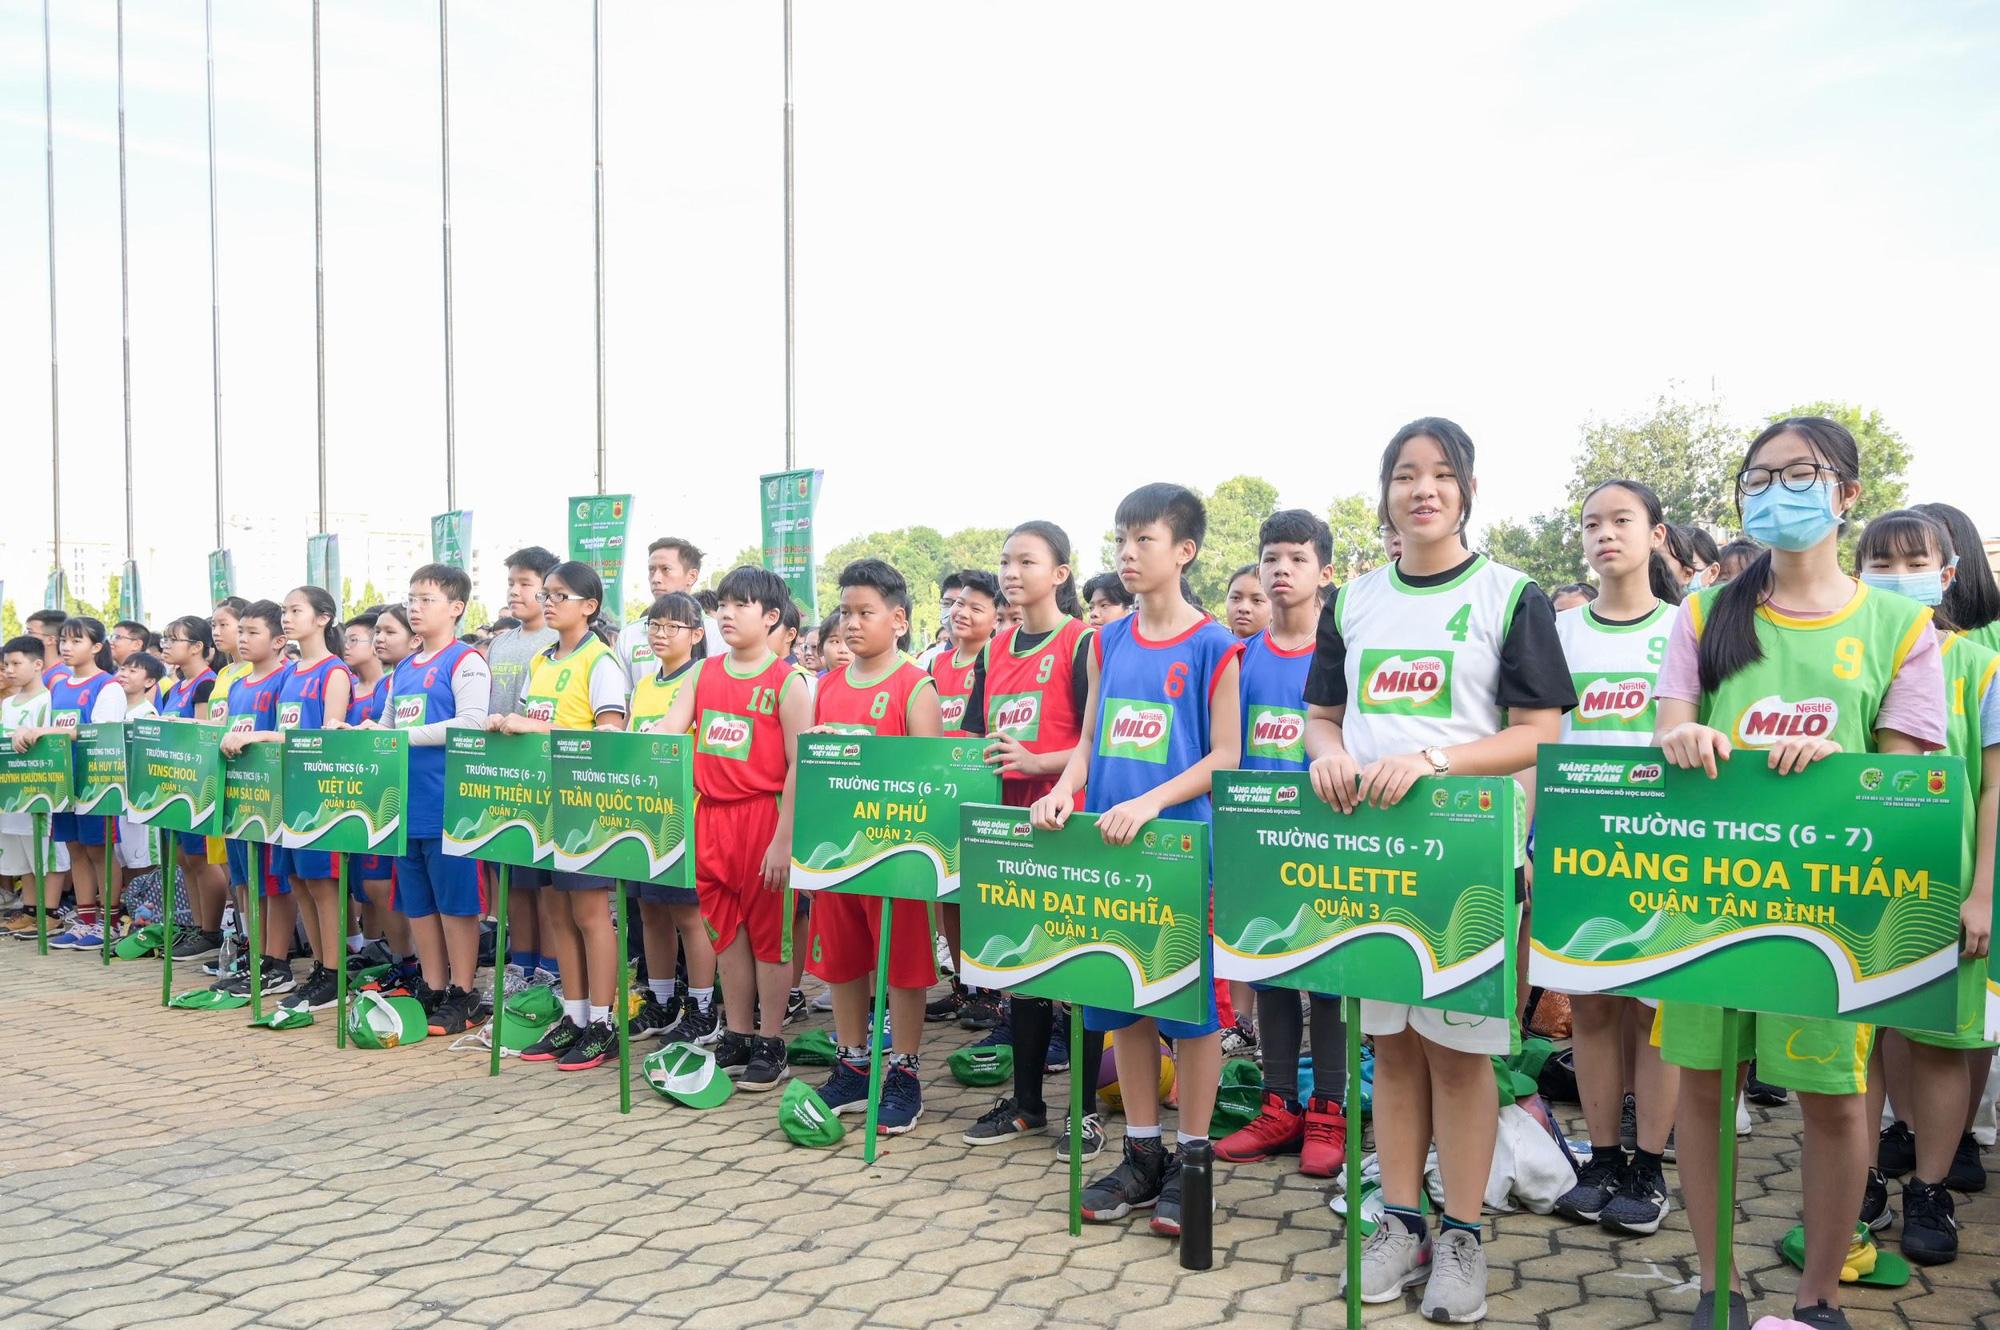 Có một thế hệ trẻ Việt trưởng thành từ sân bóng rổ - Ảnh 2.